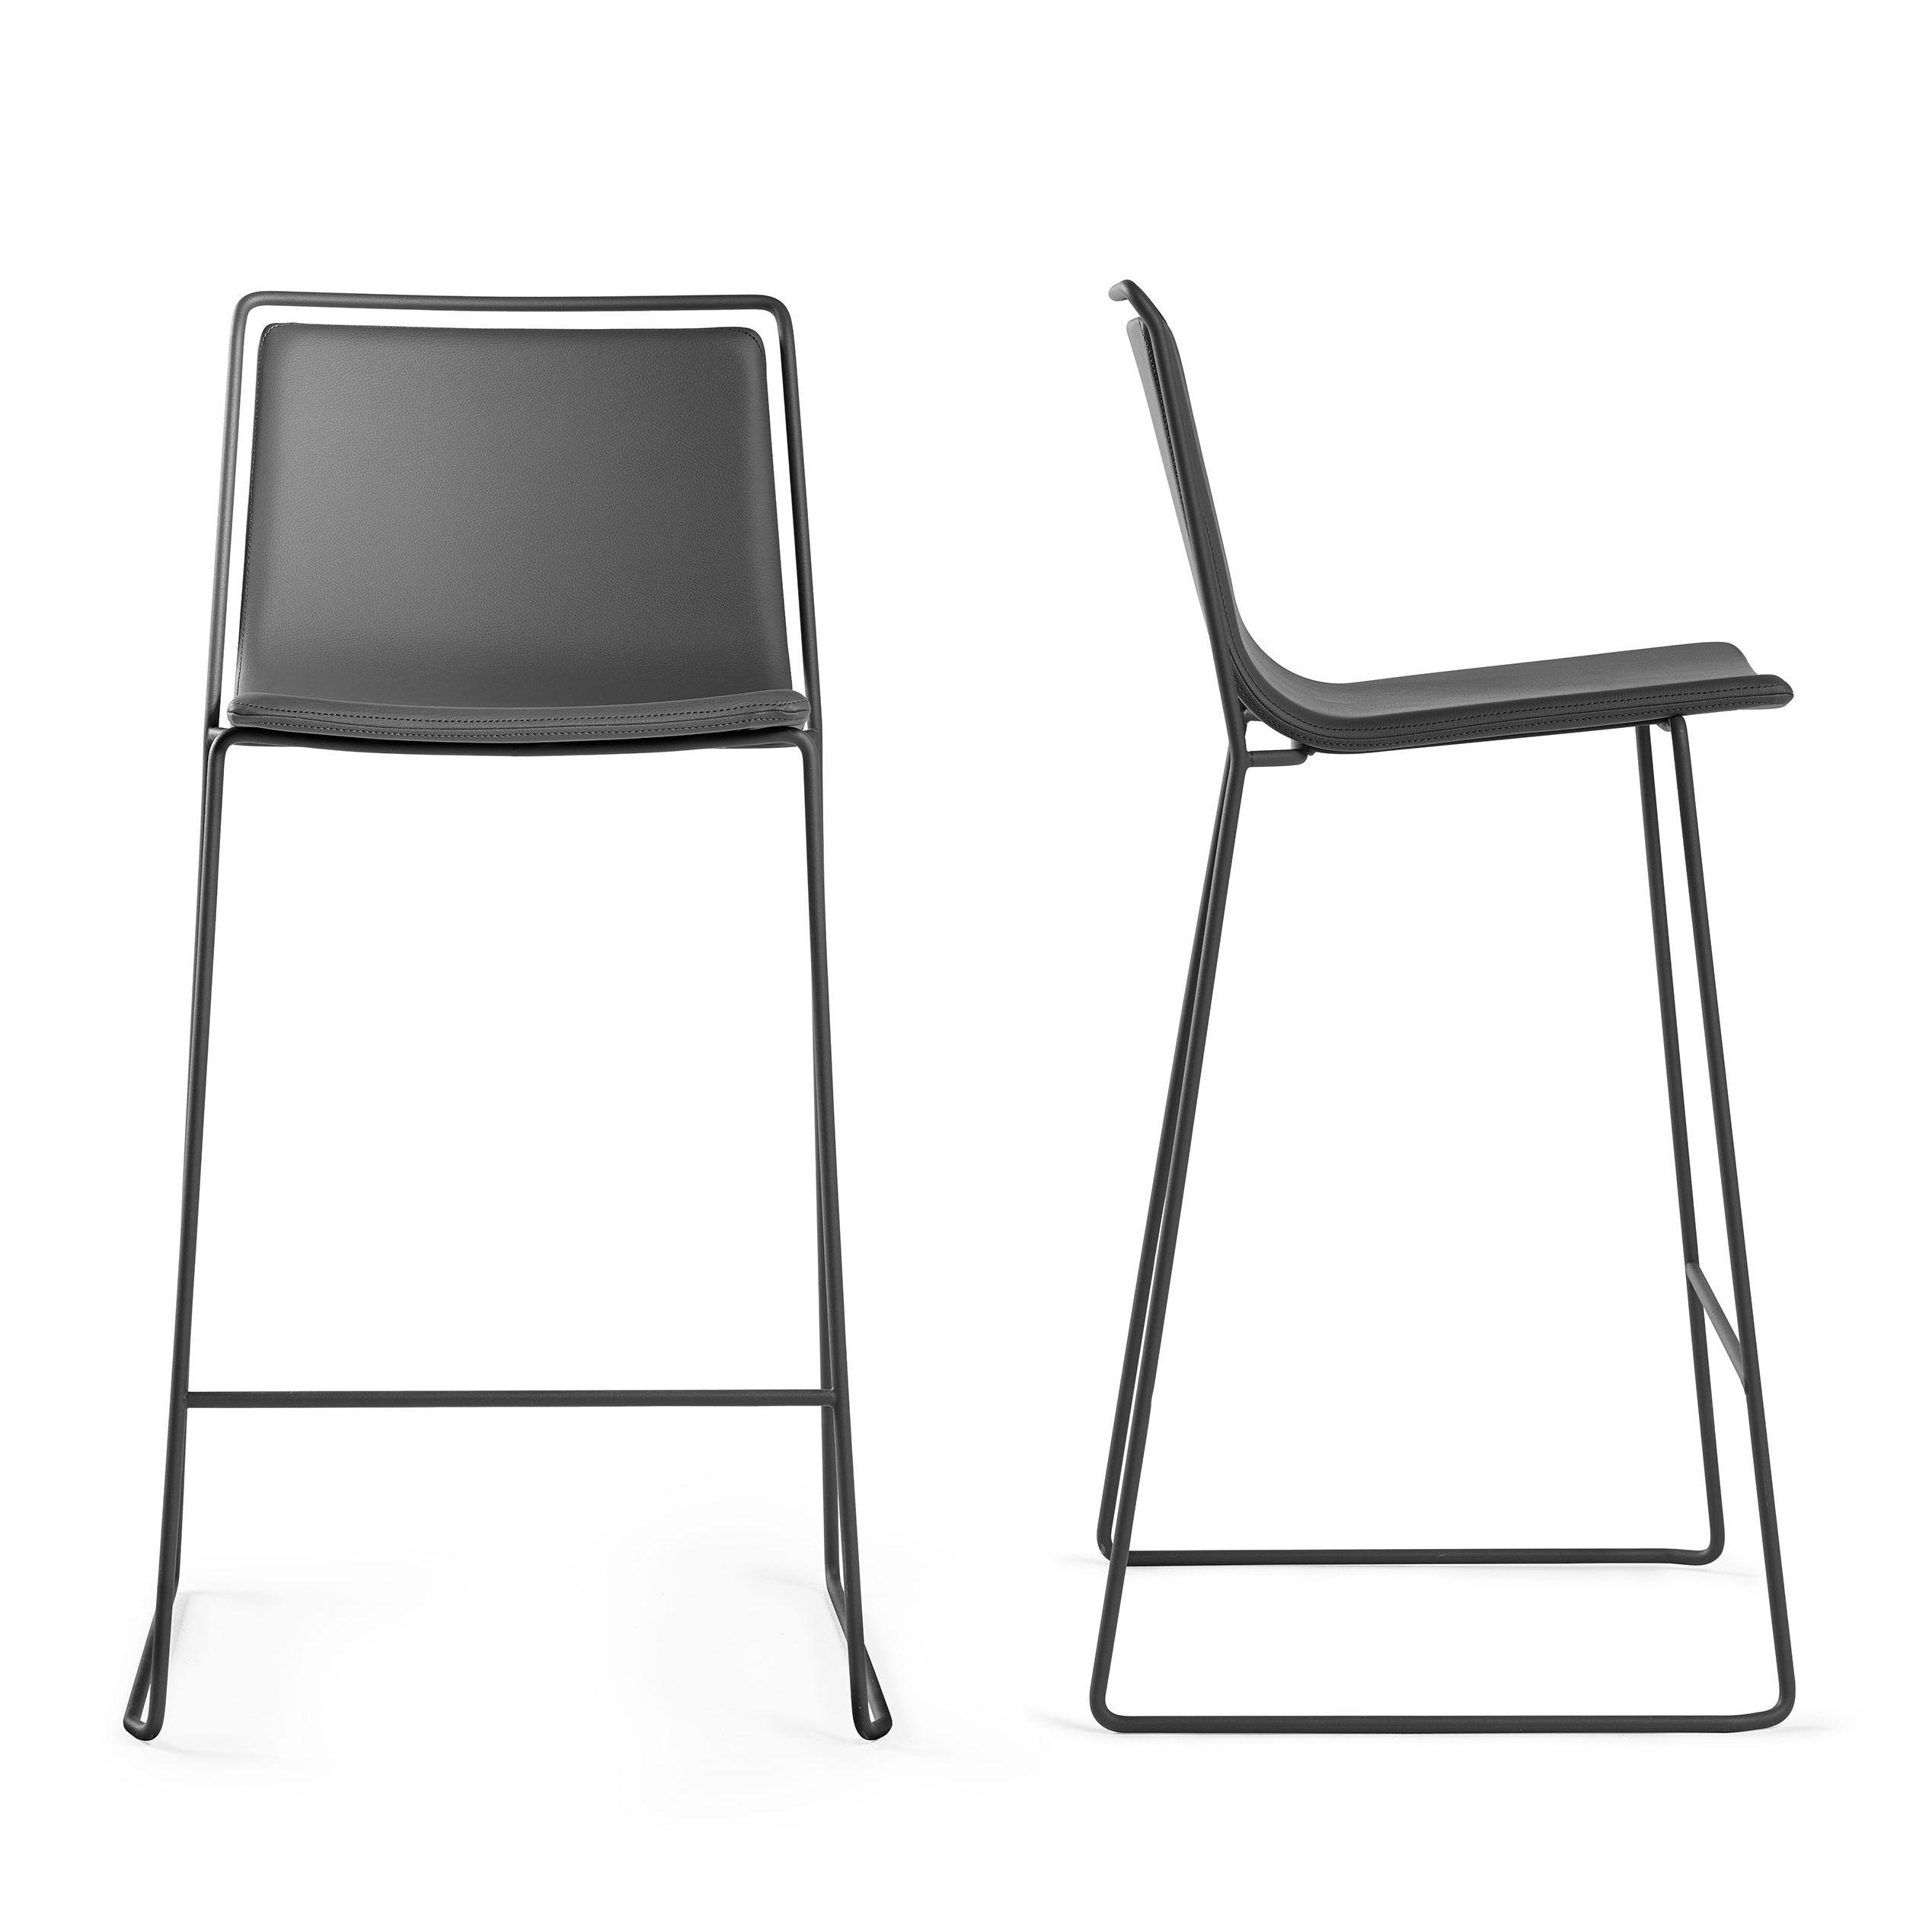 tabouret de bar alo h 65 cm similicuir anthracite. Black Bedroom Furniture Sets. Home Design Ideas